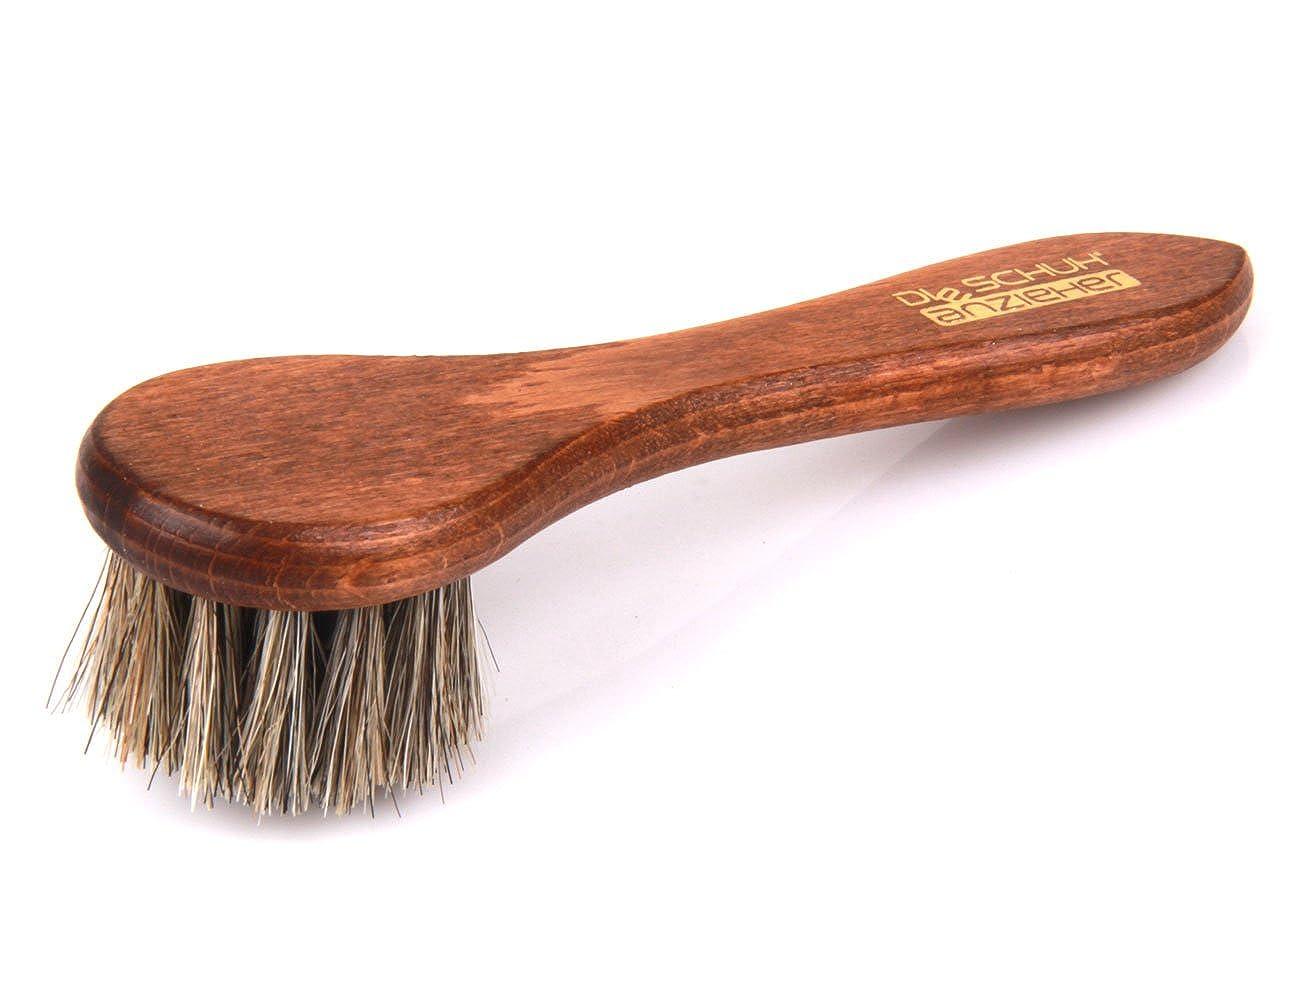 Die Schuhanzieher Tiegelbürste – Eincremebürste mit Rosshaar – Holz Schuhbürste Classic Edition – z2467